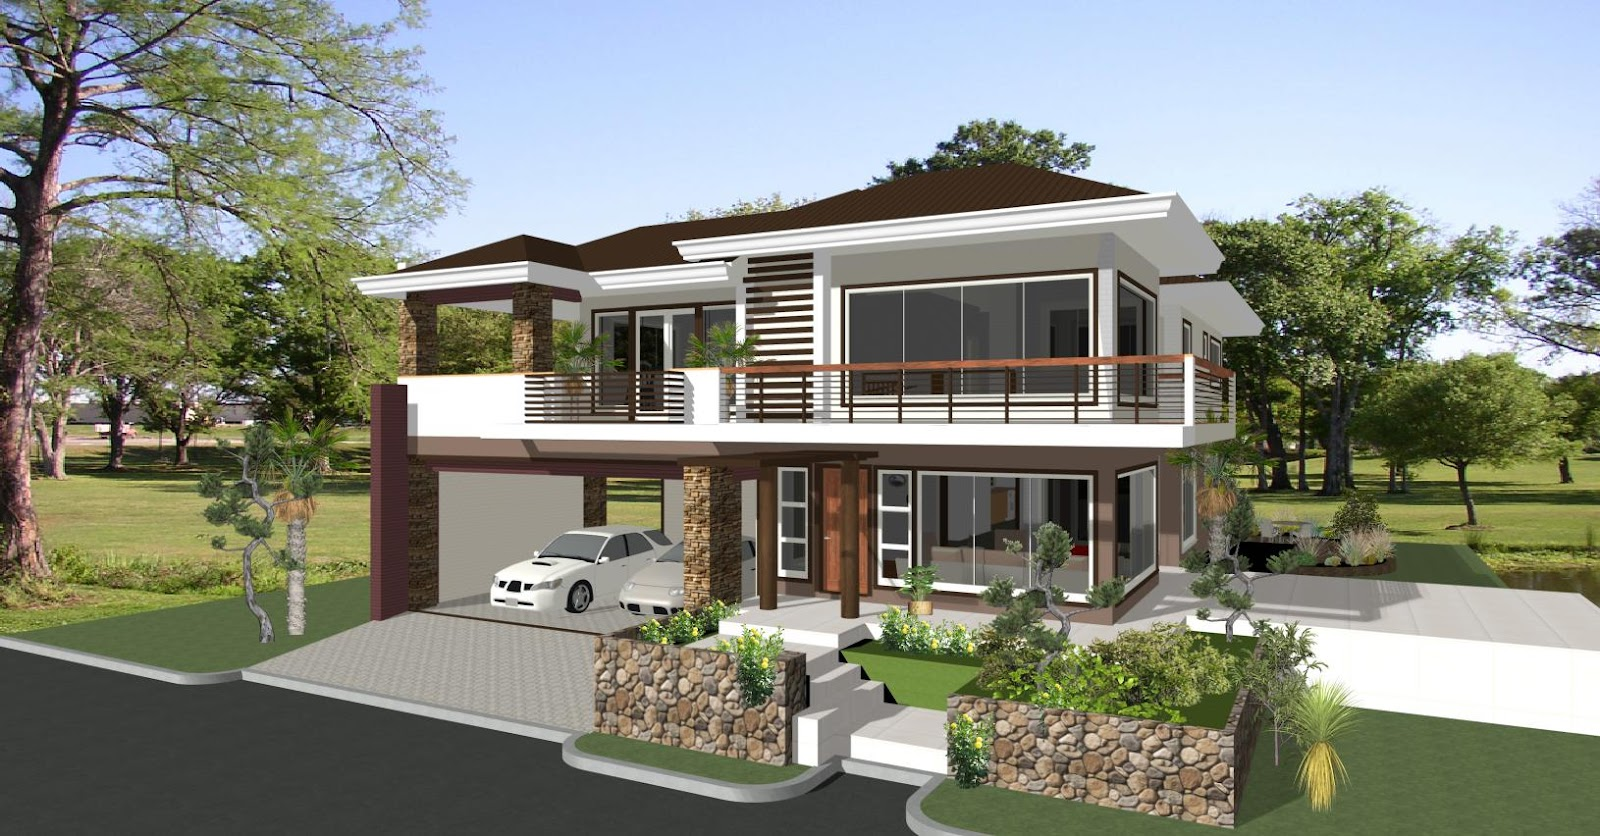 House Design In The Philippines Iloilo Philippines House Design Iloilo  House Design In Philippines Iloilo House